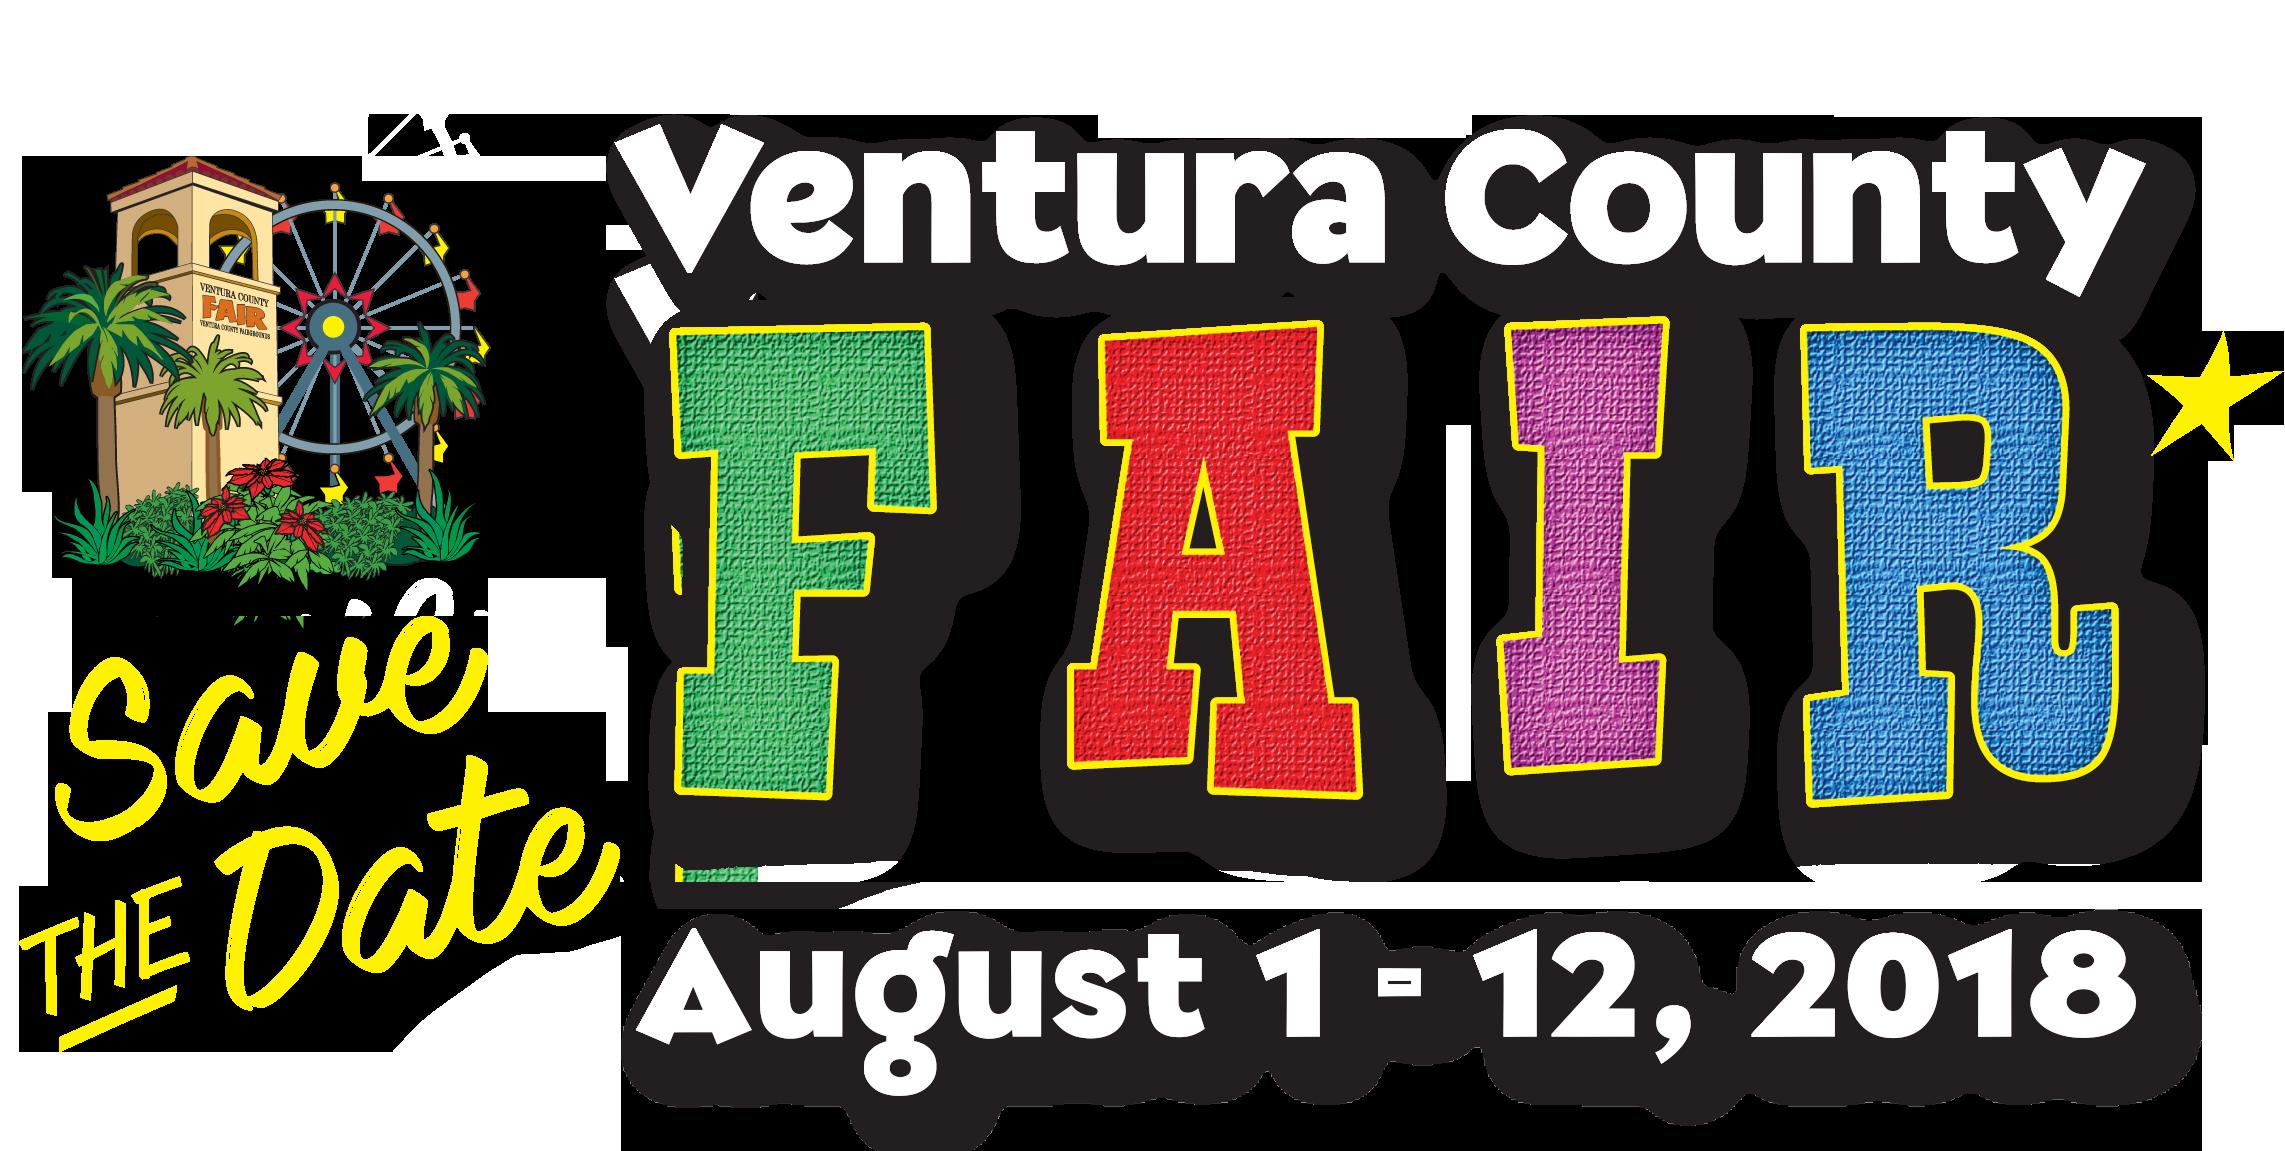 Ventura county fairgrounds home. Volunteering clipart kid volunteer